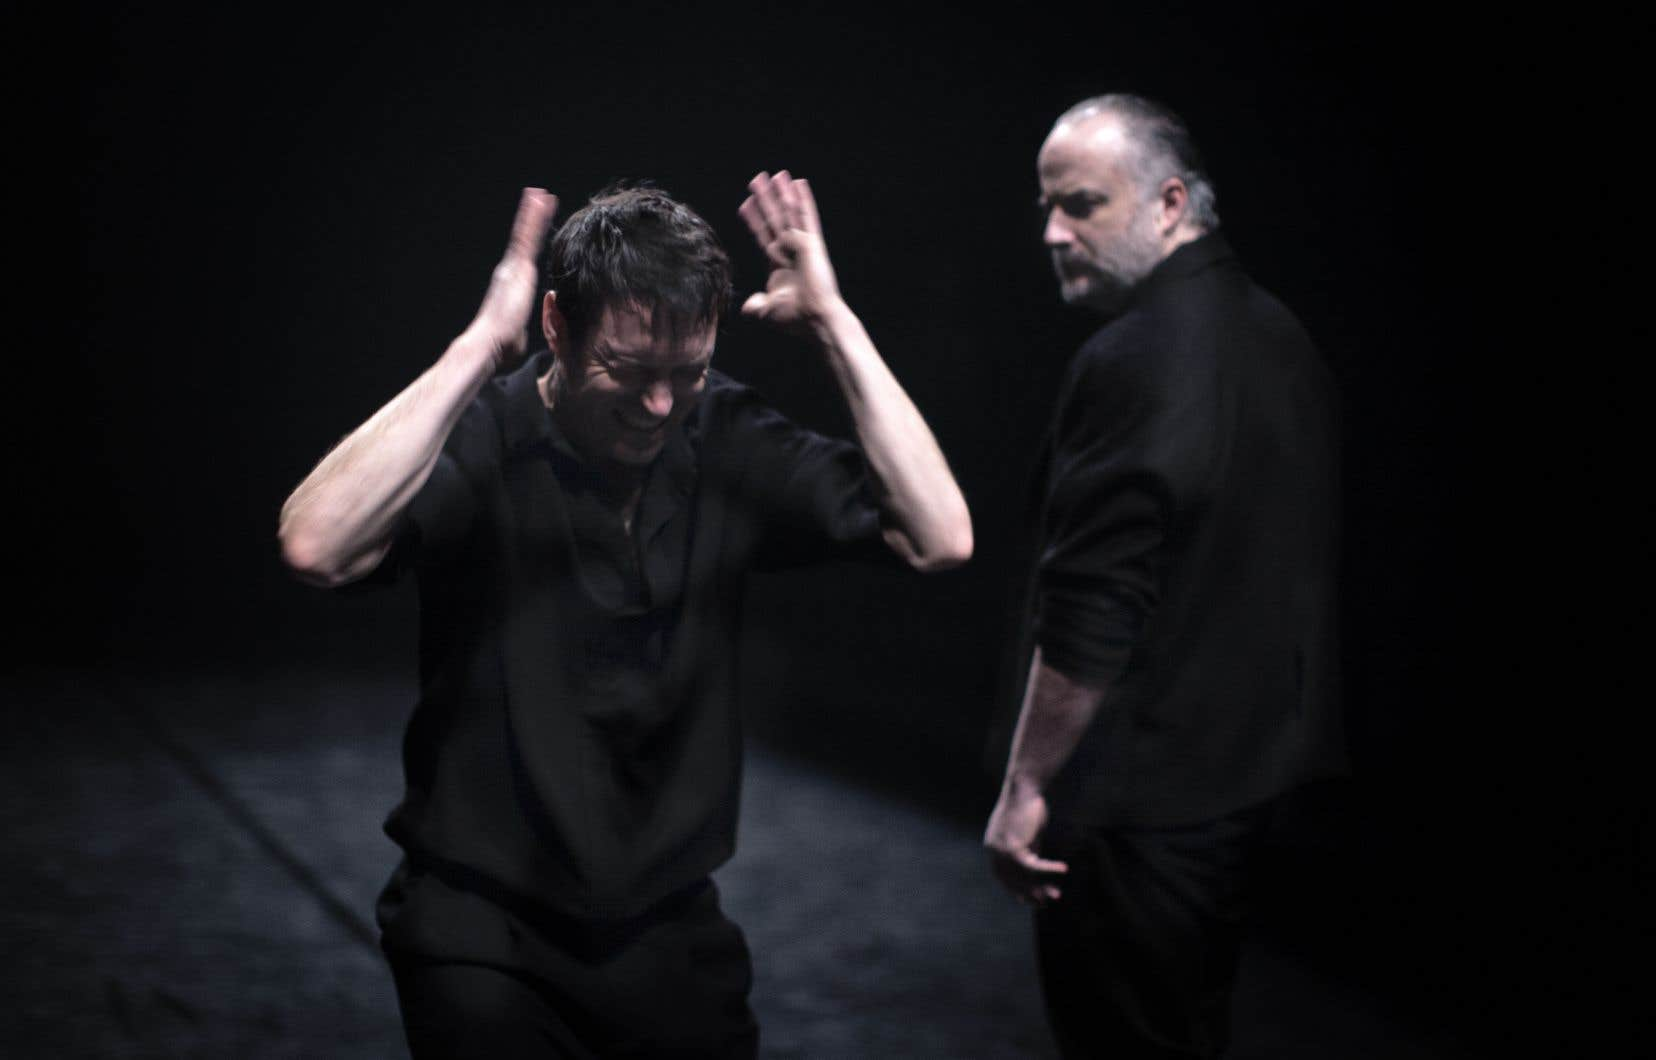 L'interprétation d'Hugues Frenette (à droite) est limpide et déliée, tandis que celle de Sébastien Ricard, portée par son phrasé distinctif, est d'une indéniable intensité, d'une redoutable efficacité.